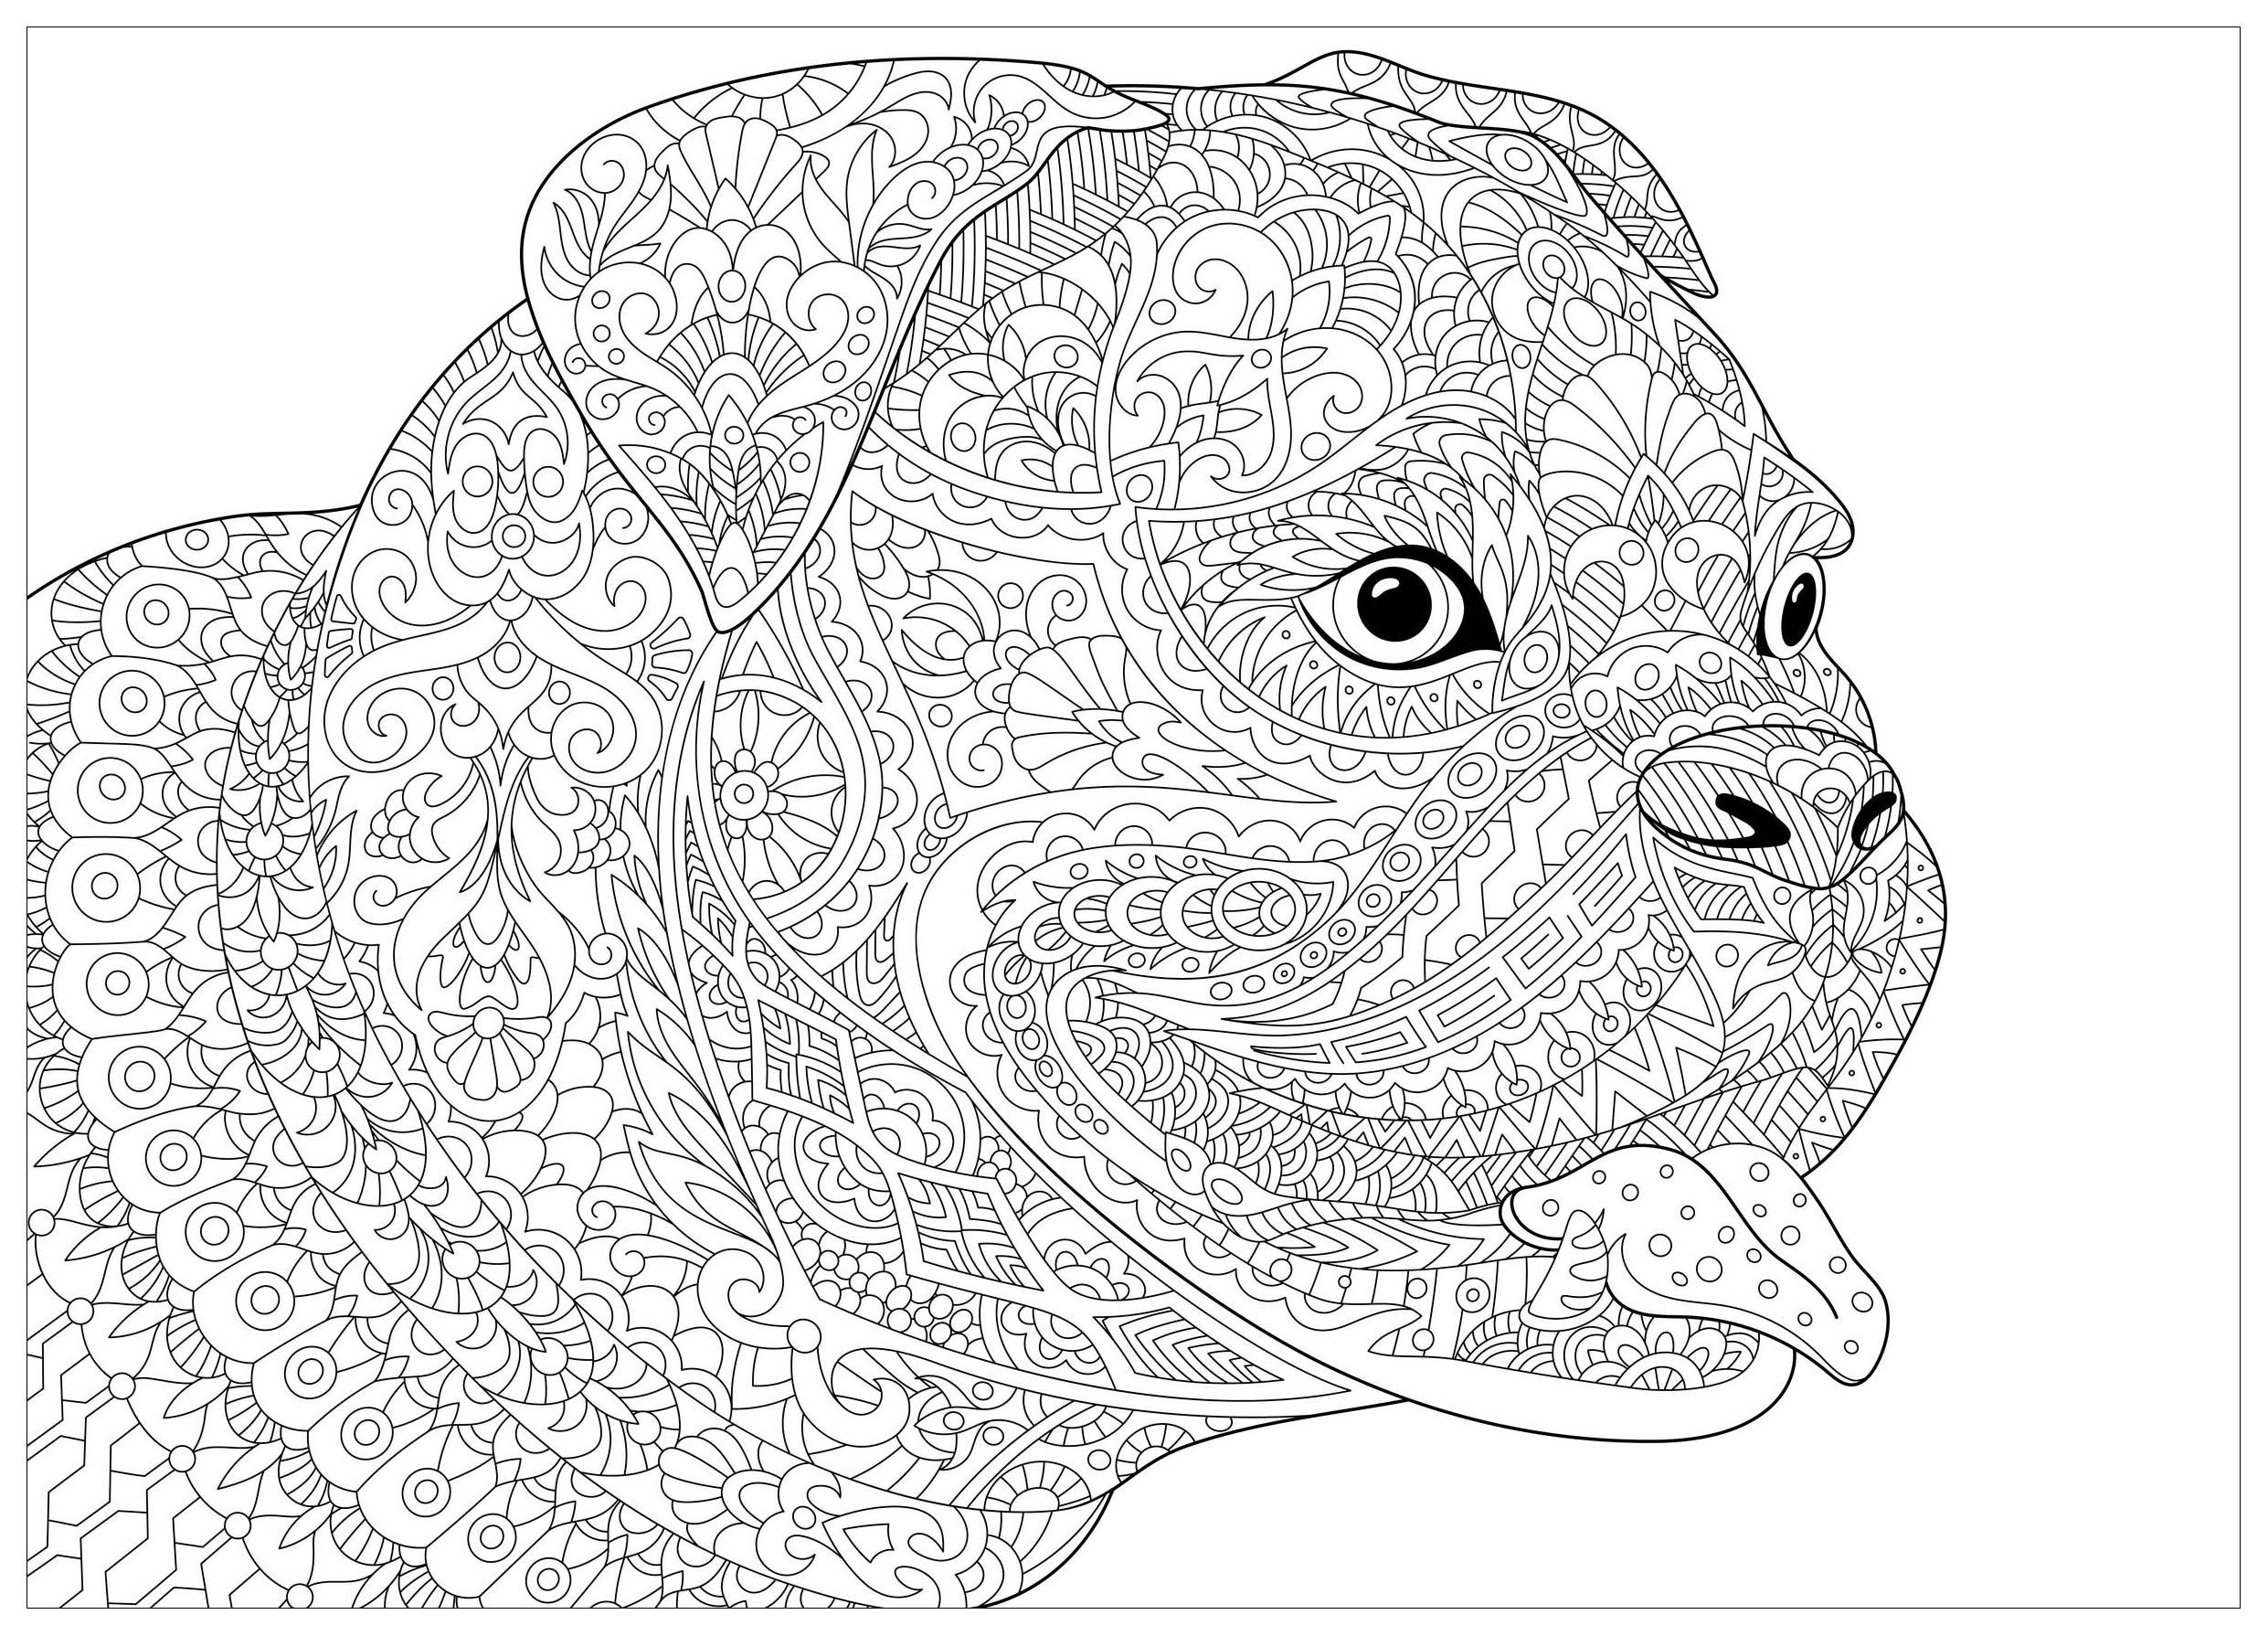 Volwassen Kleurplaten Honden Perros 68444 Perros Colorear Para Adultos